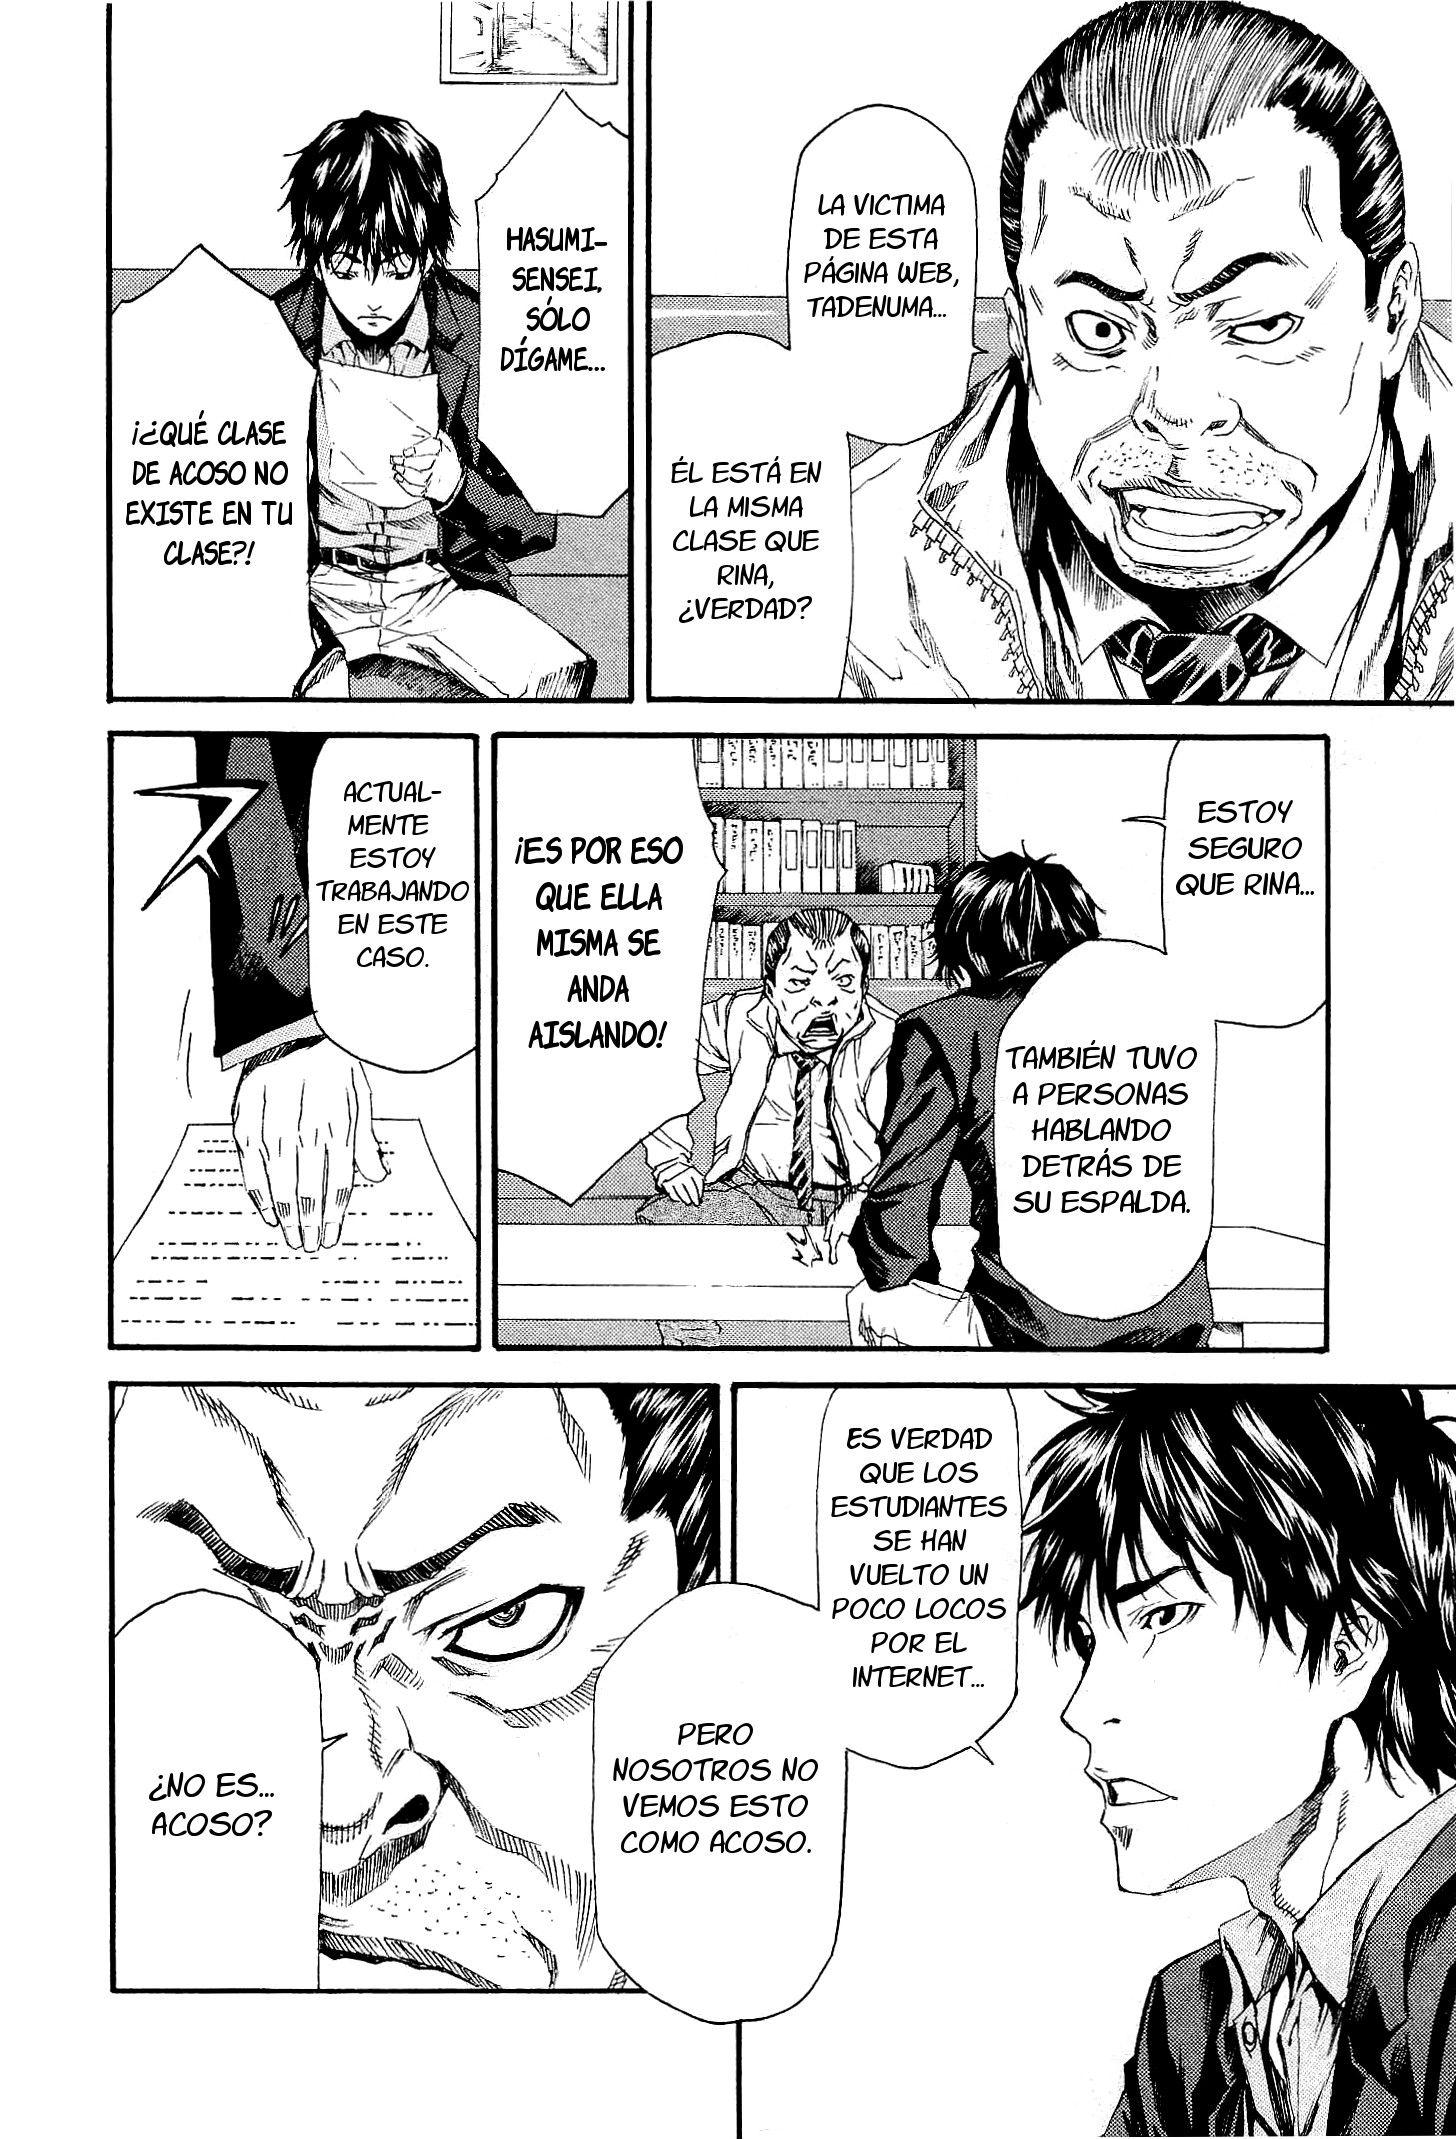 http://c5.ninemanga.com/es_manga/pic2/3/19523/518613/31e0c59f84dab4f1eb04ab2c47f8f0d2.jpg Page 5